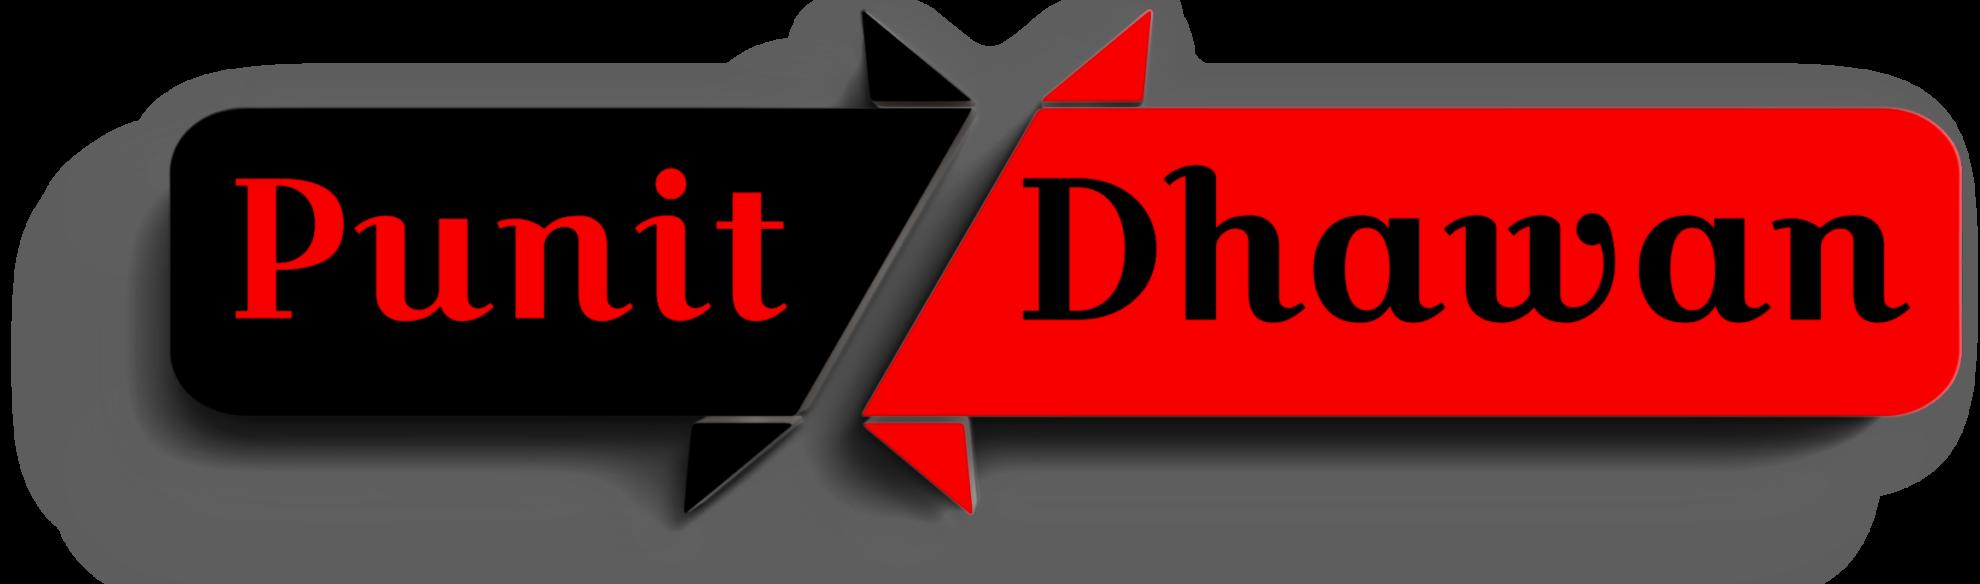 Punit Dhawan – Internet Marketer